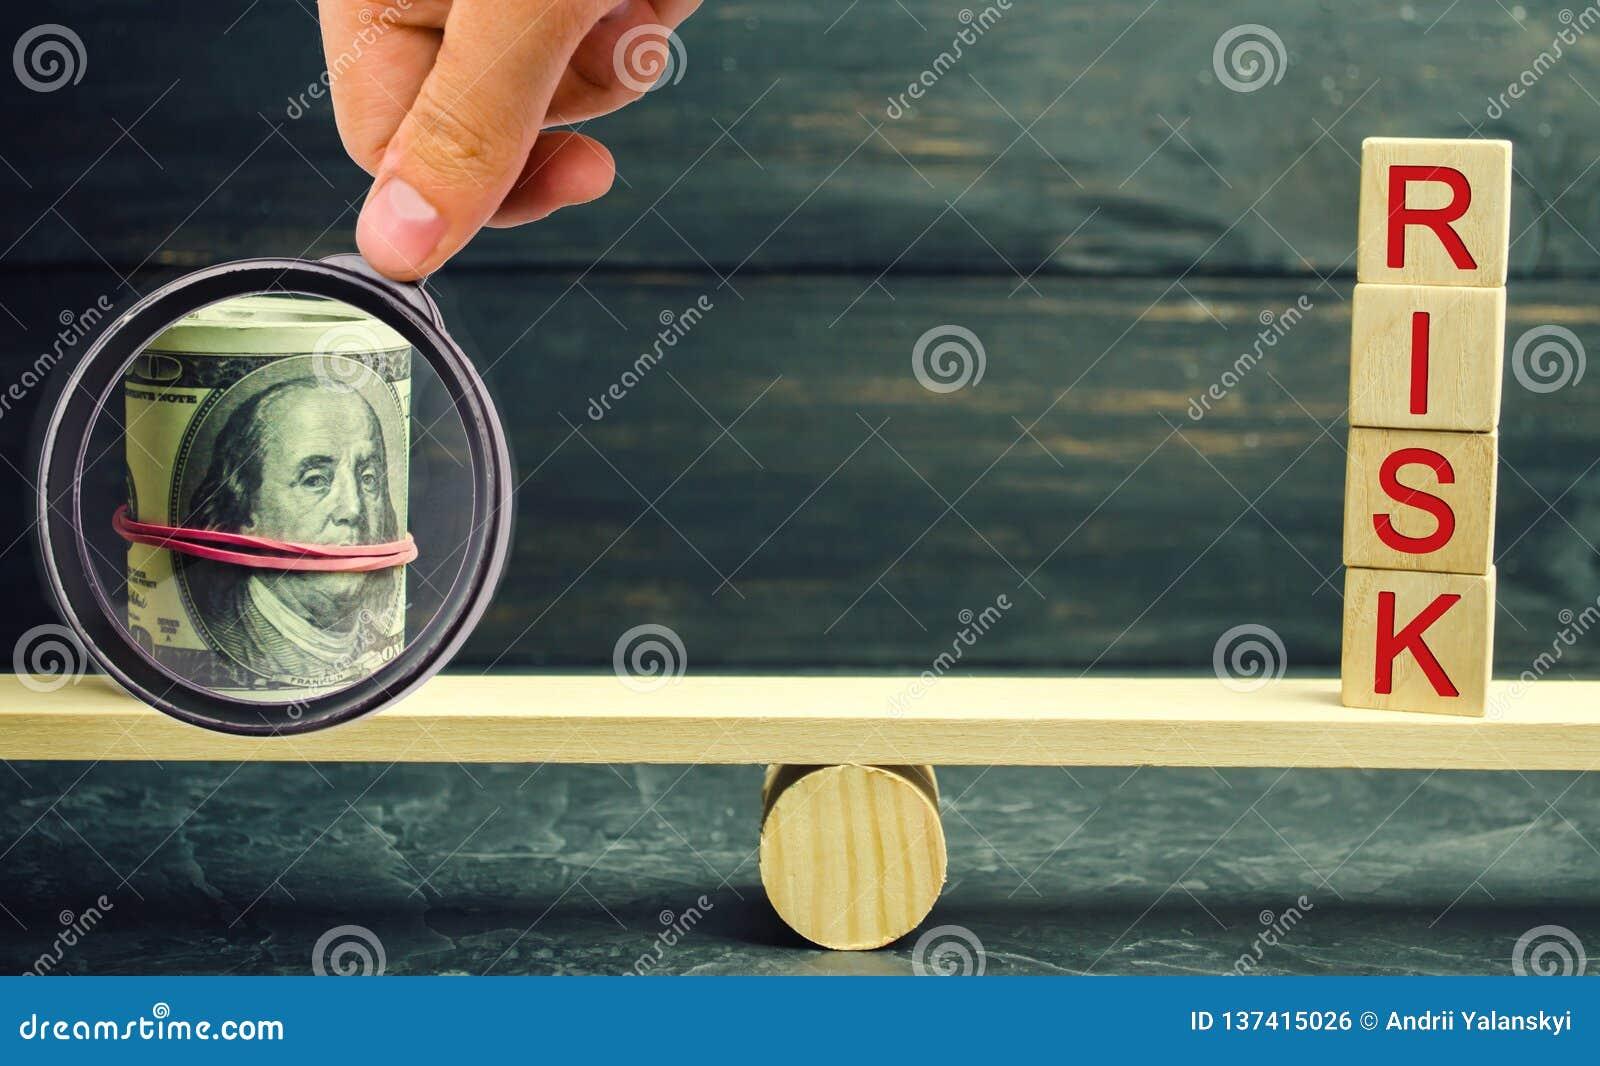 Dolary i wpisowy ryzyko są na skalach Pojęcie pieniężny i ekonomiczny ryzyko Nierzetelna inwestycja Niepłatna pożyczka